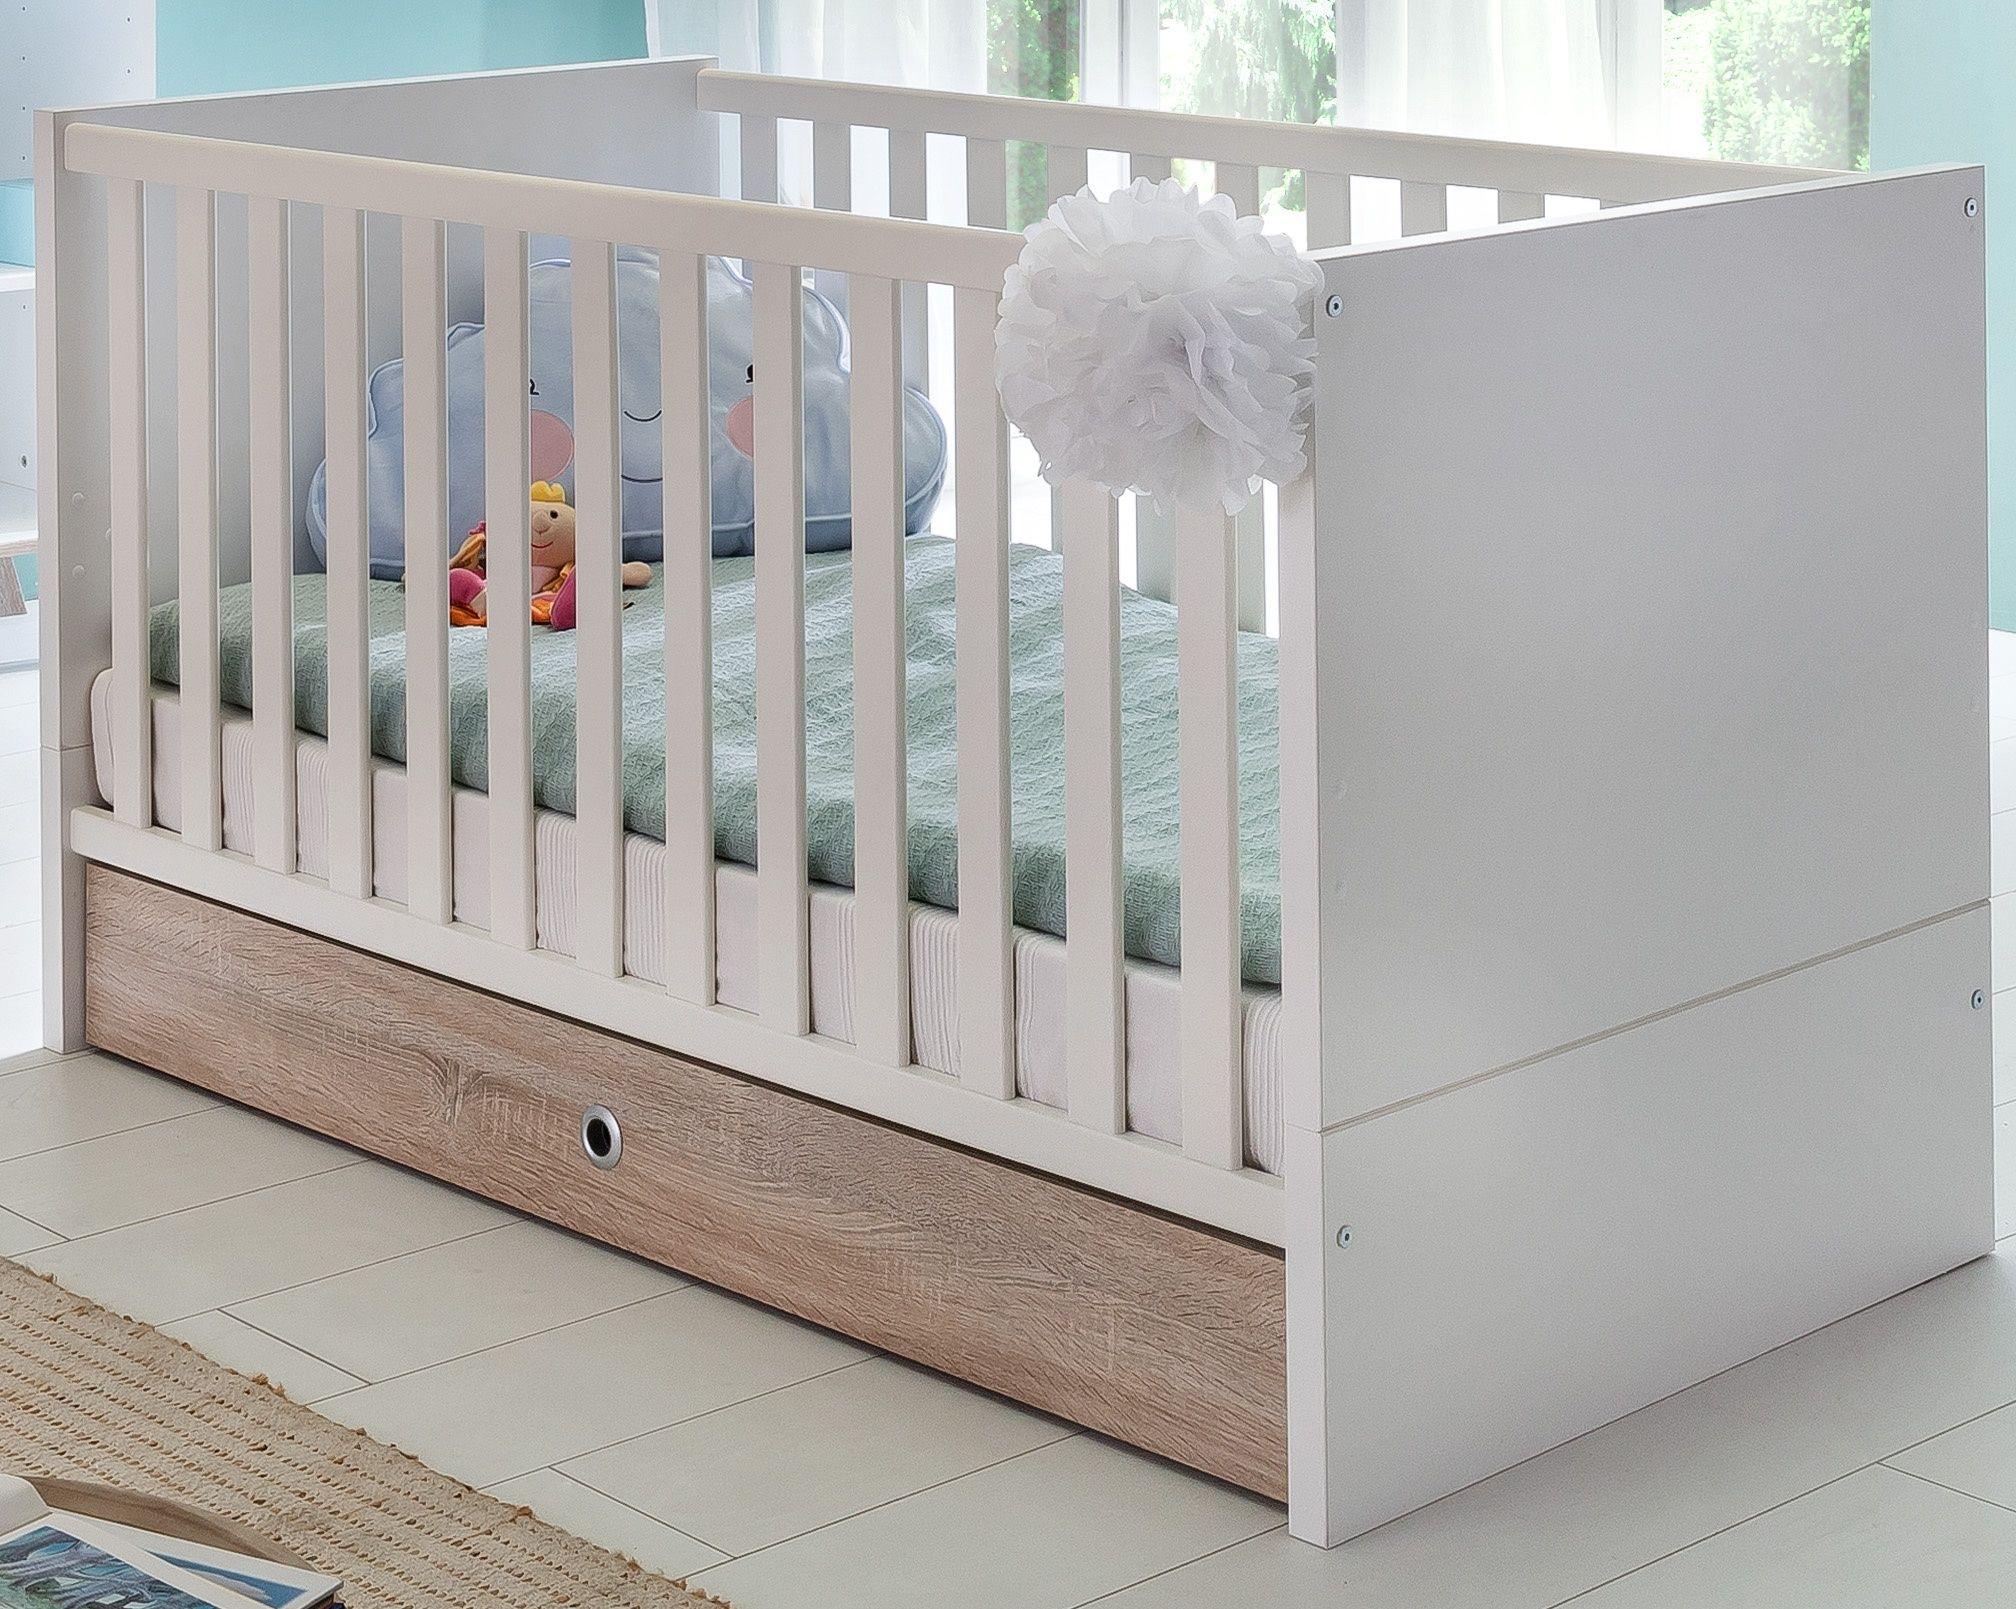 Babybett Weiss Woody 132-01699 Alpinweiss Holz Neutral Jetzt bestellen unter: https://moebel.ladendirekt.de/kinderzimmer/betten/kinderbetten/?uid=2572404a-dab1-55bb-acc6-d8245b1320b4&utm_source=pinterest&utm_medium=pin&utm_campaign=boards #kinderzimmer #kinderbetten #betten